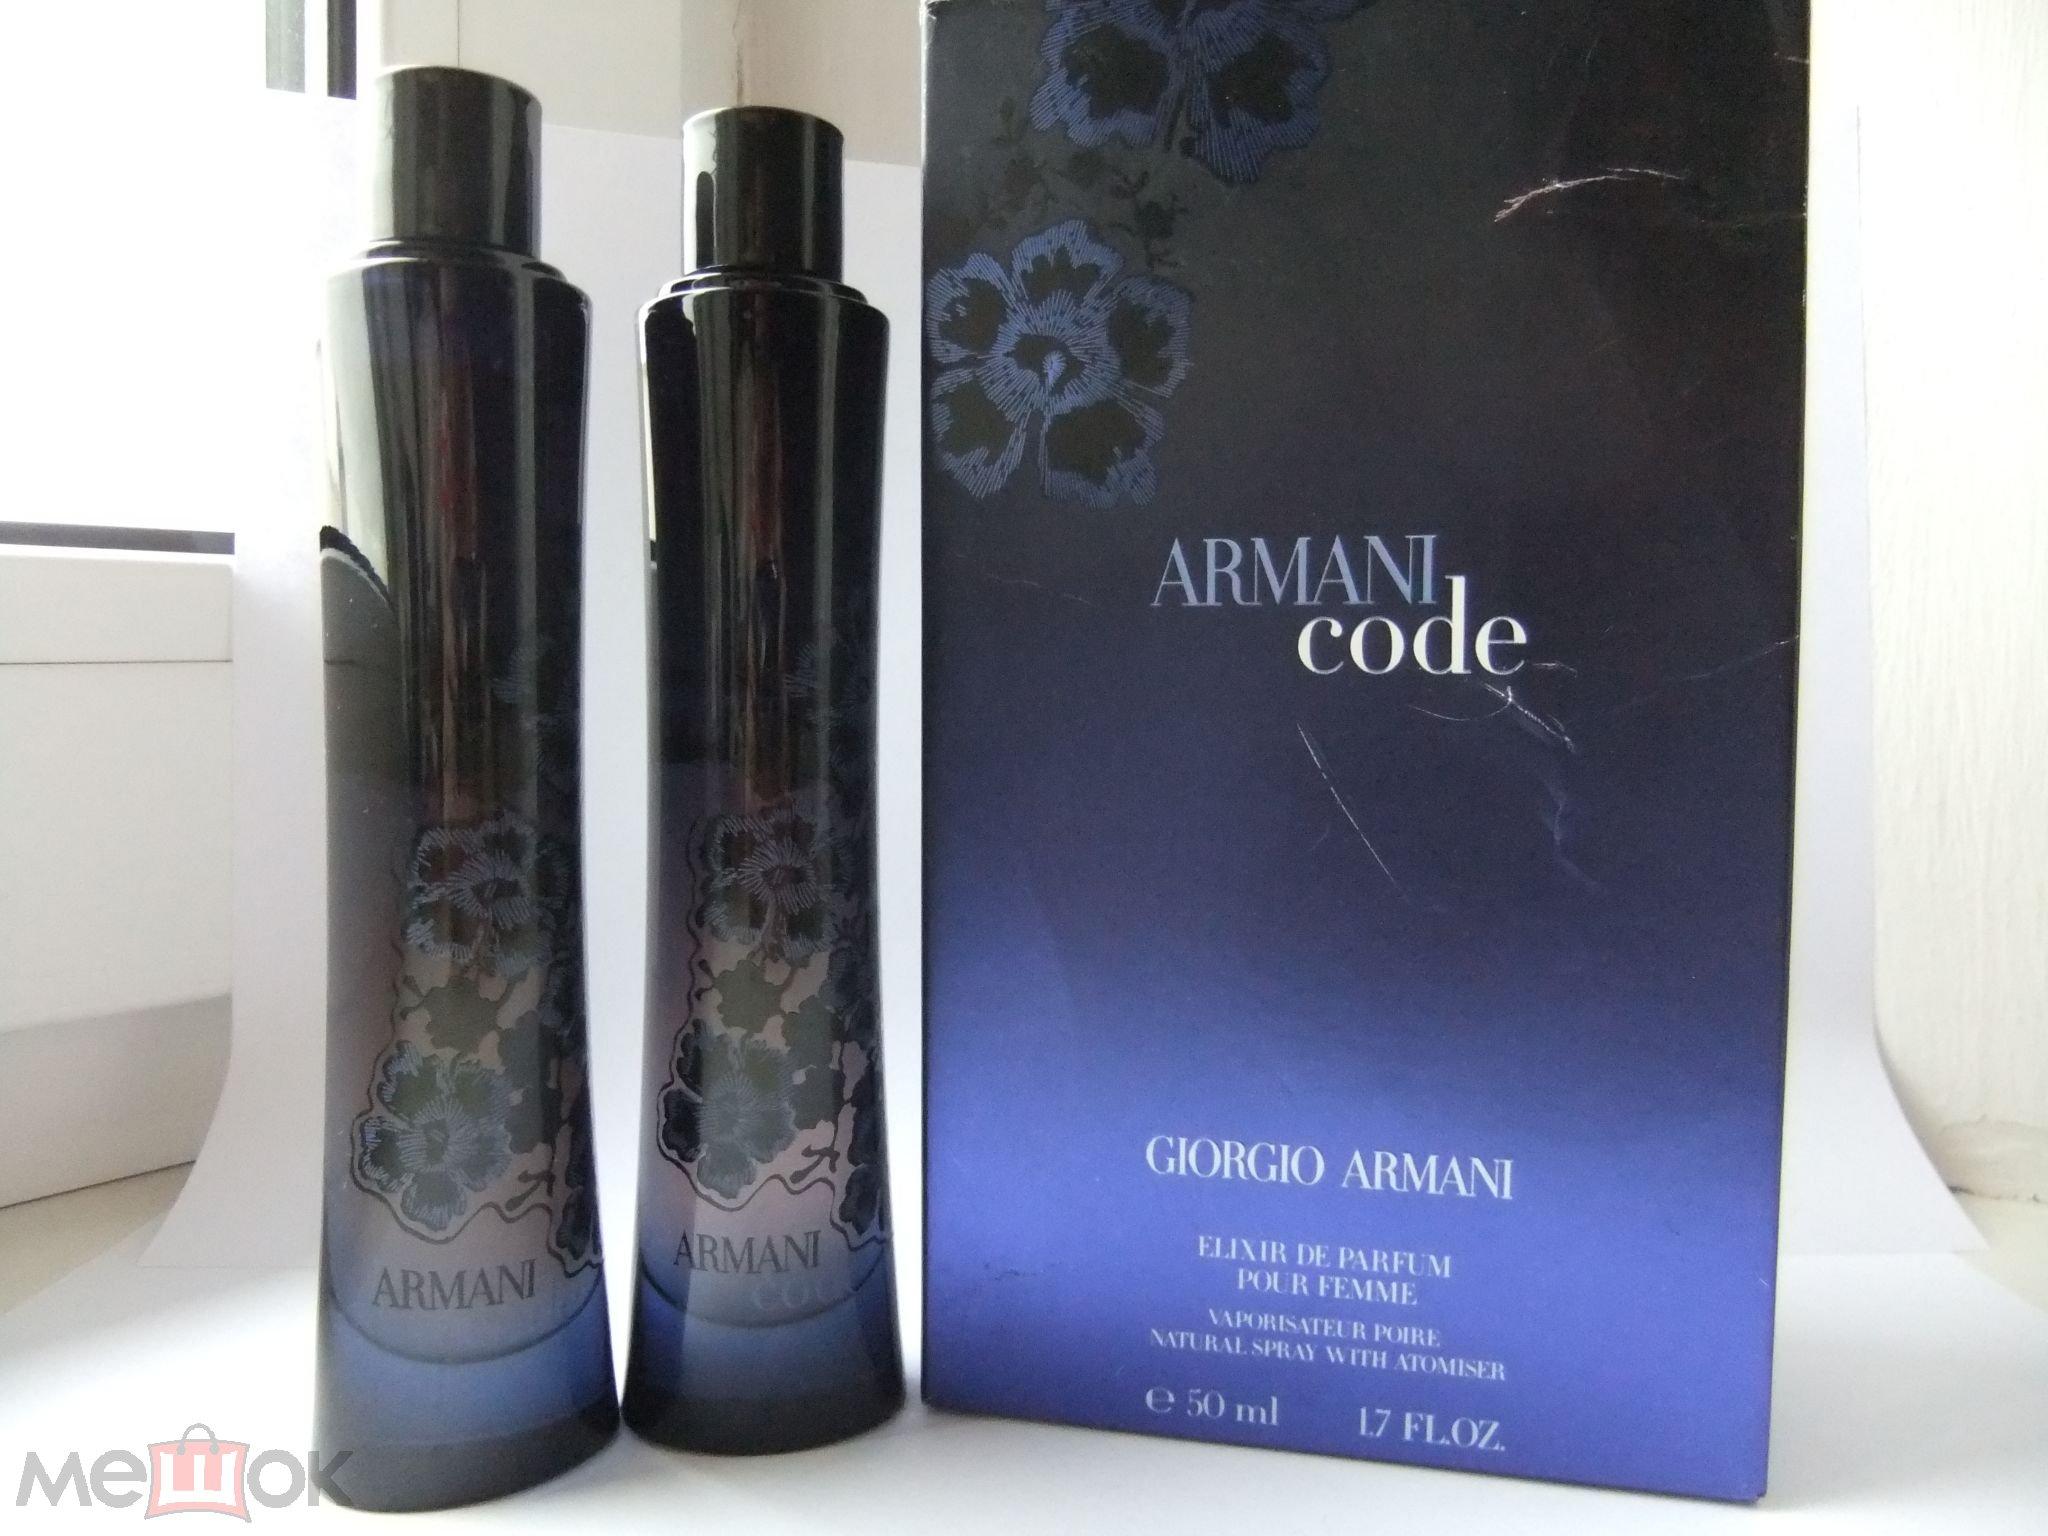 Armani Code Elixir De Parfum Giorgio Armani 50 Ml один флакон торги